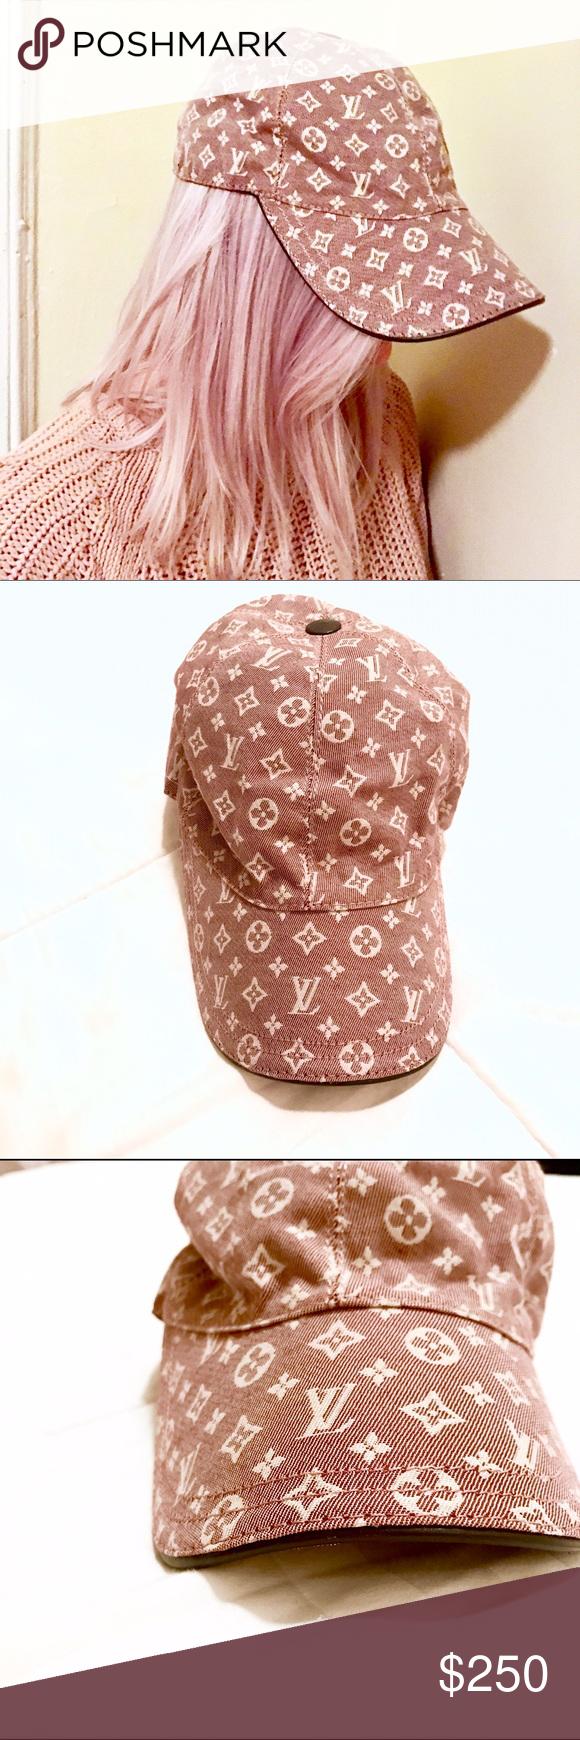 8e84226f1bd ⱽᶦⁿᵗᵃᵍᵉ Authentic Louis Vuitton Cap Hat Details ⇣ ➺ Rare authentic vintage Louis  Vuitton baseball cap